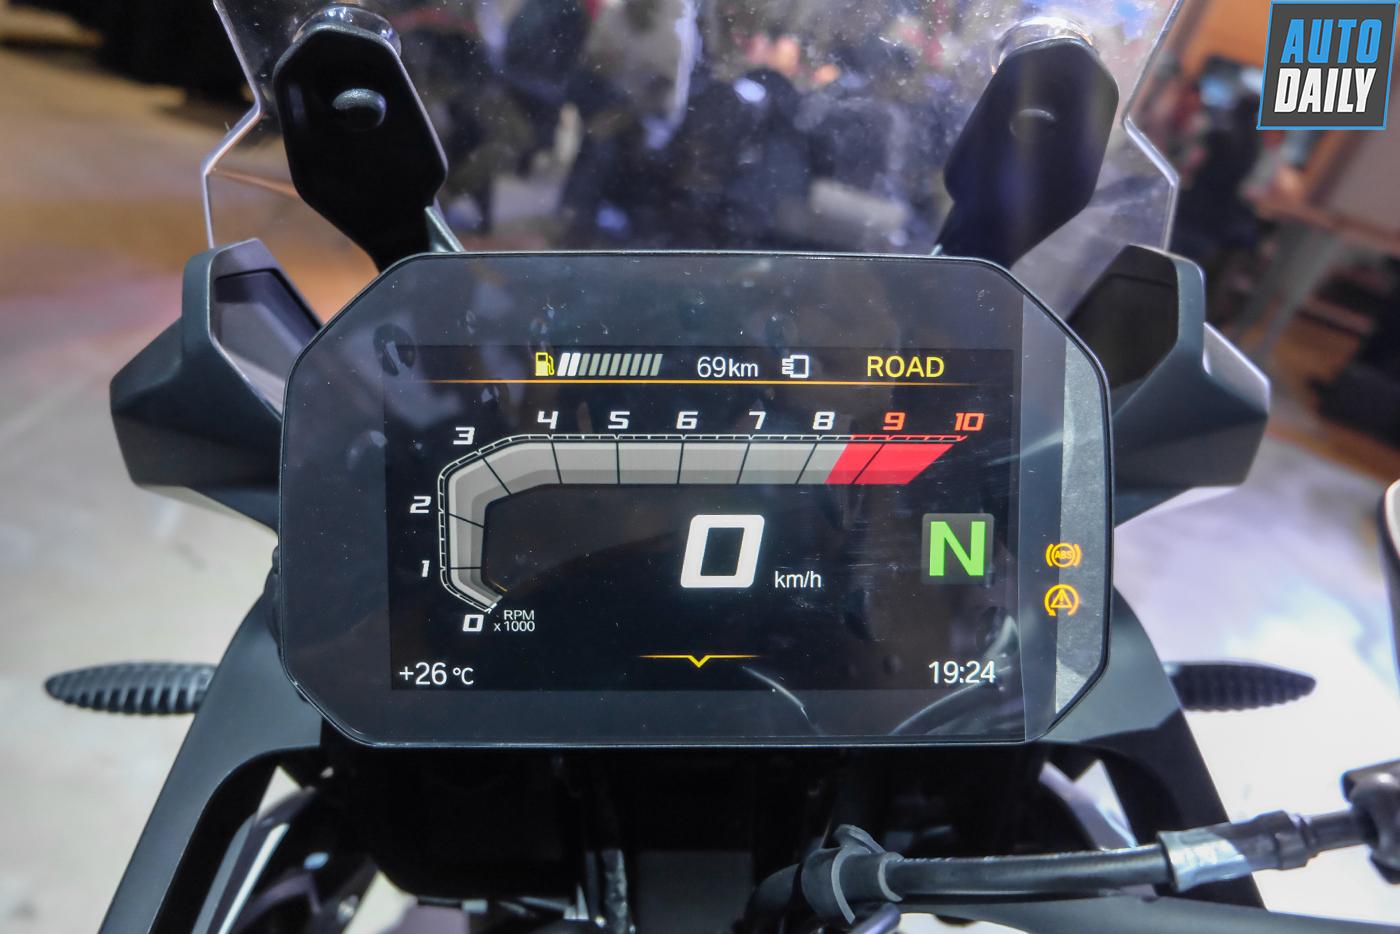 bmw-motorrad-f-850-gs-2019-58.jpg